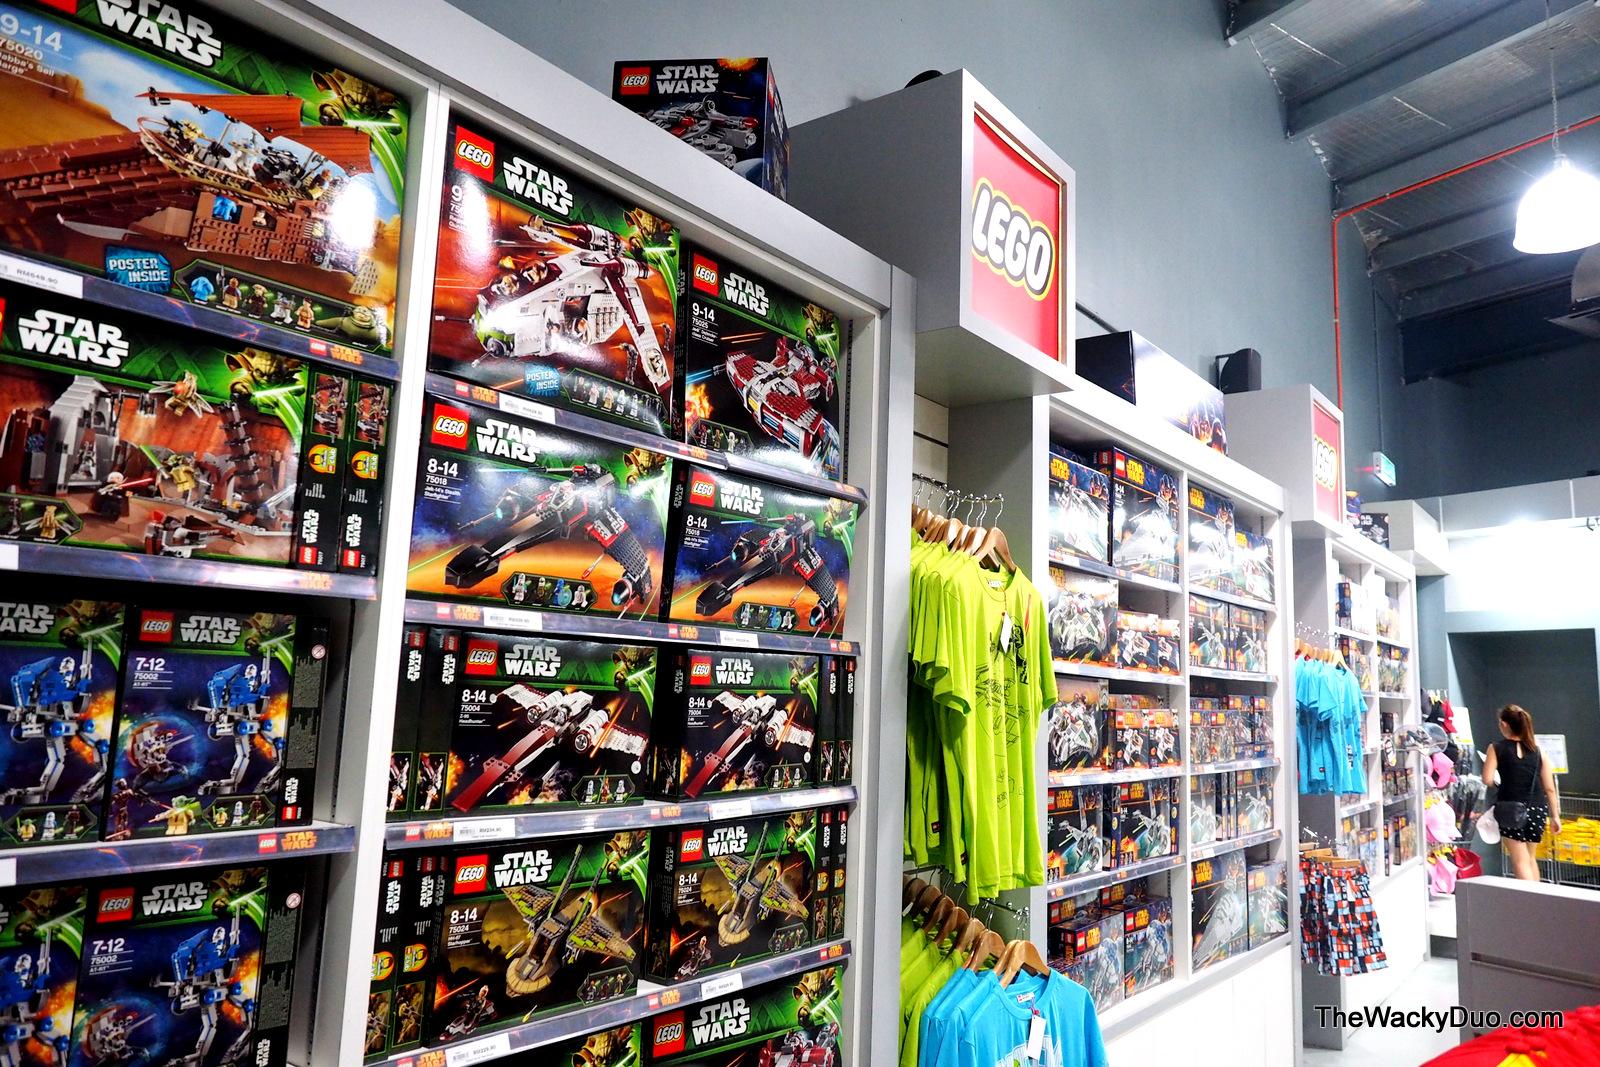 Star Wars Miniland @ Legoland Malaysia | The Wacky Duo ...